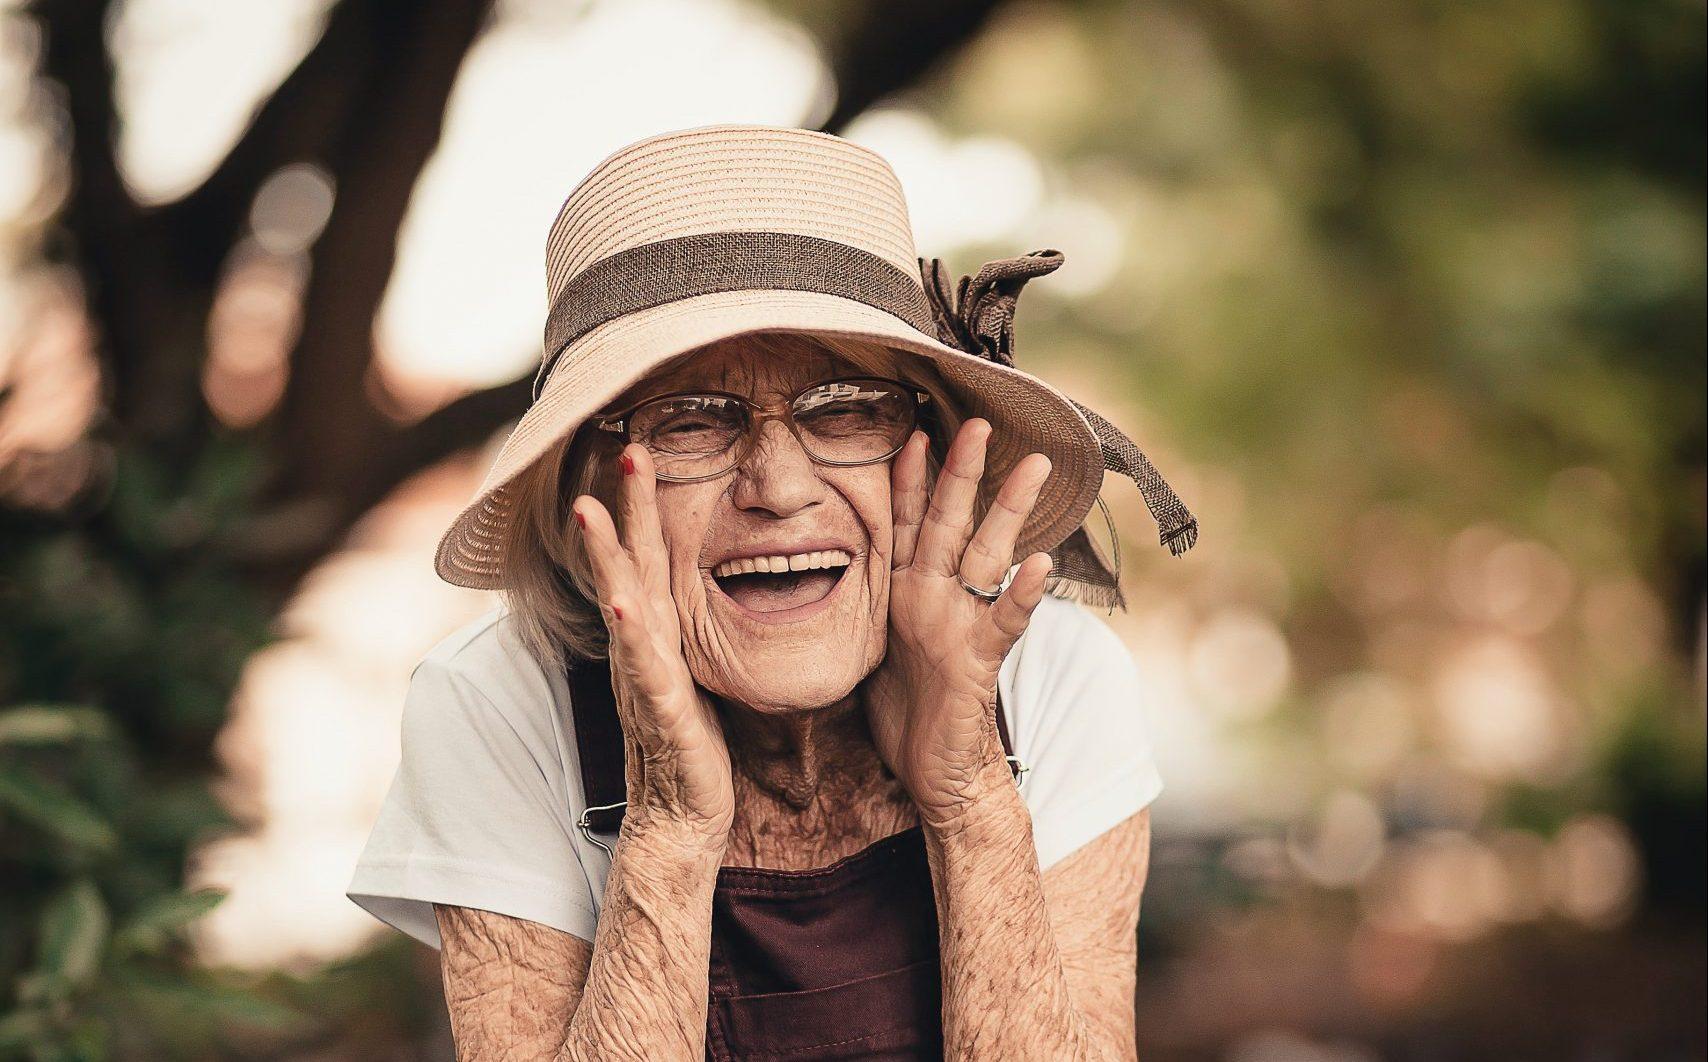 Egy 90 éves nénitől tanultam: élni vagányan kell!